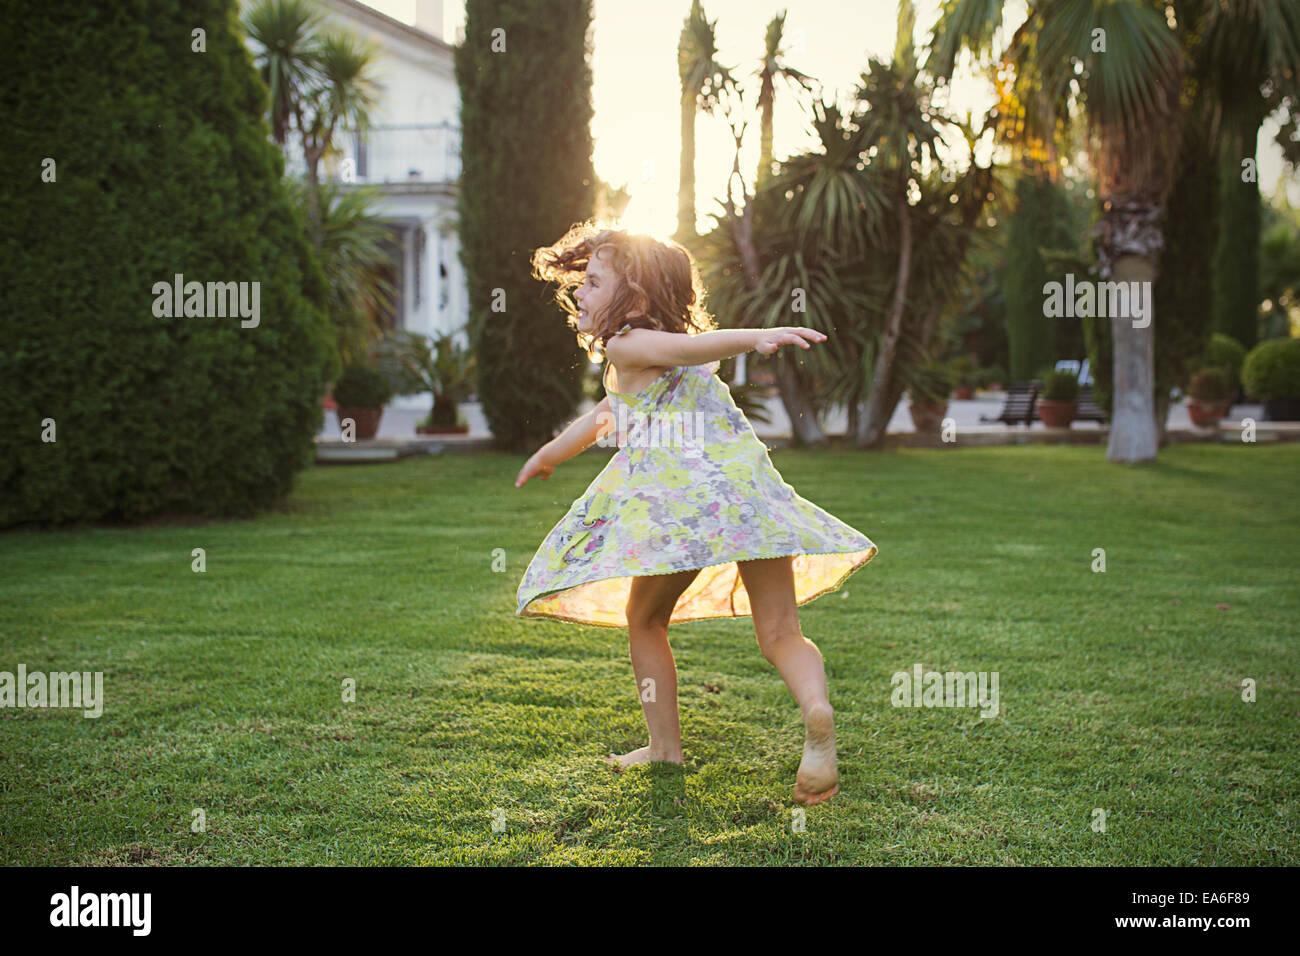 Chica están girando alrededor en el jardín Imagen De Stock